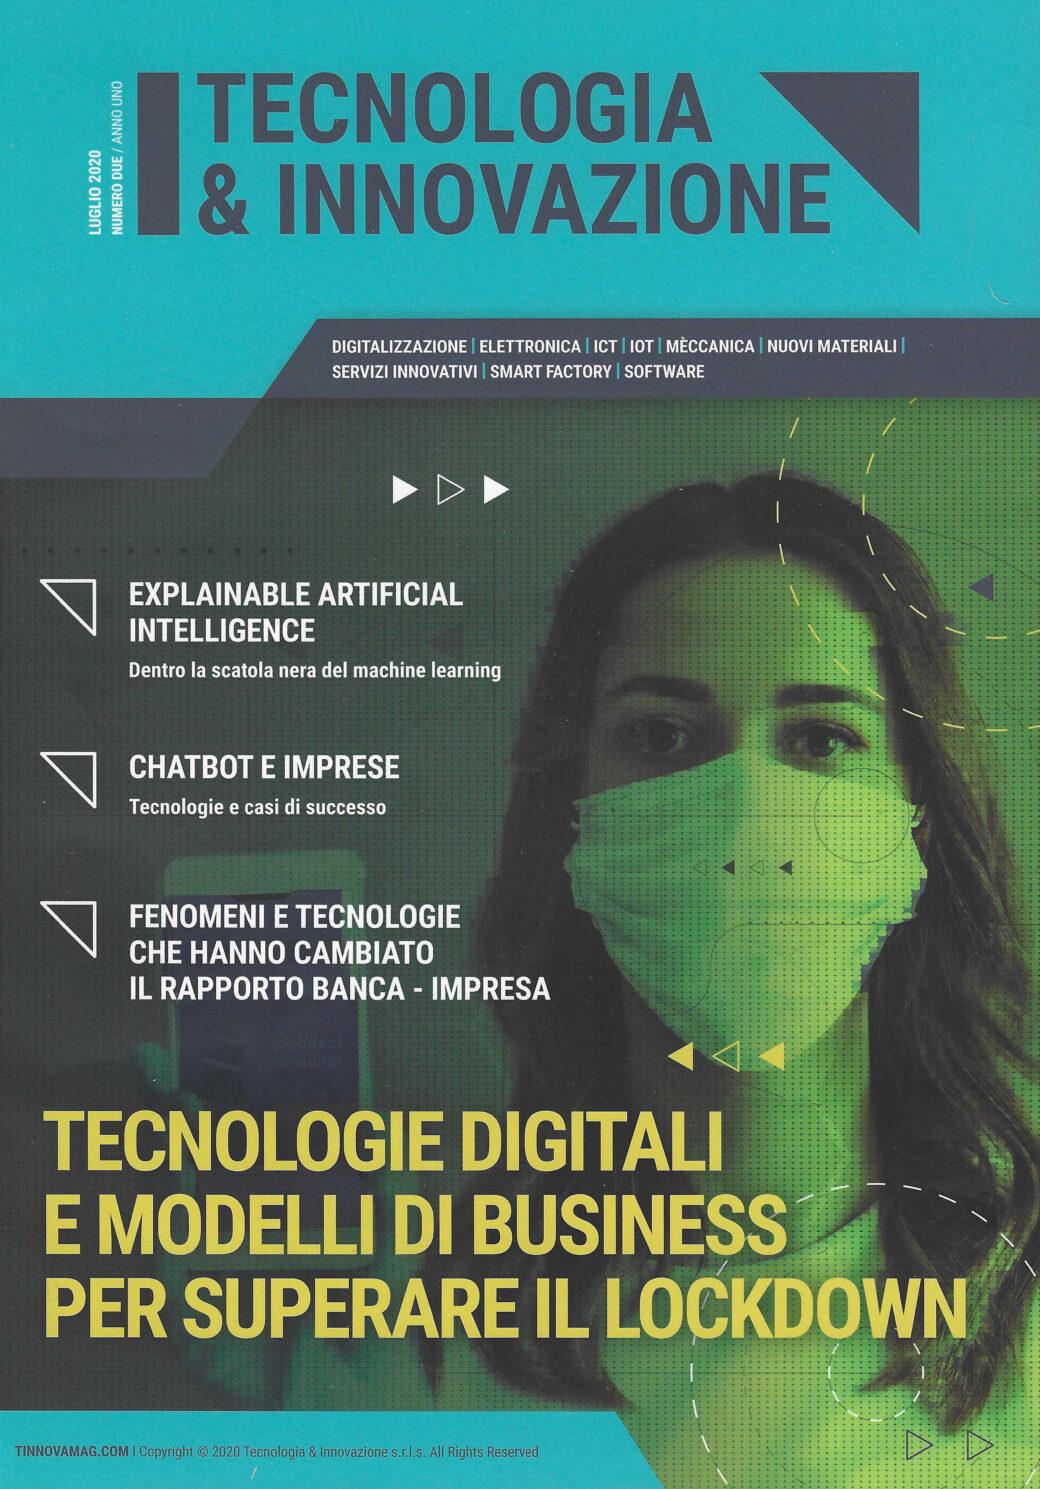 TECNOLOGIA & INNOVAZIONE